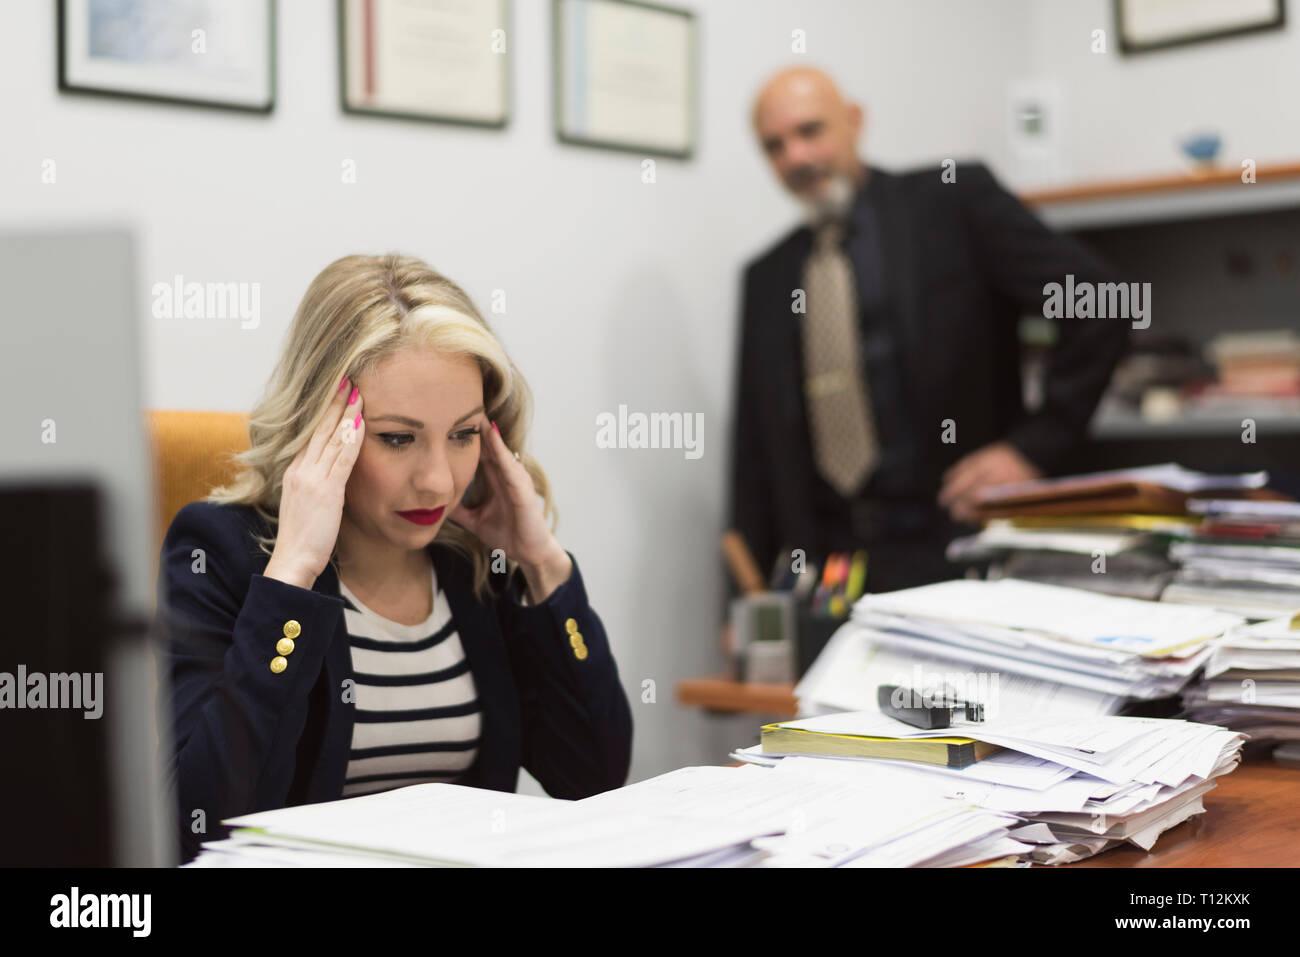 Female office worker a souligné devant une grande charge de travail de bureau et documents Banque D'Images